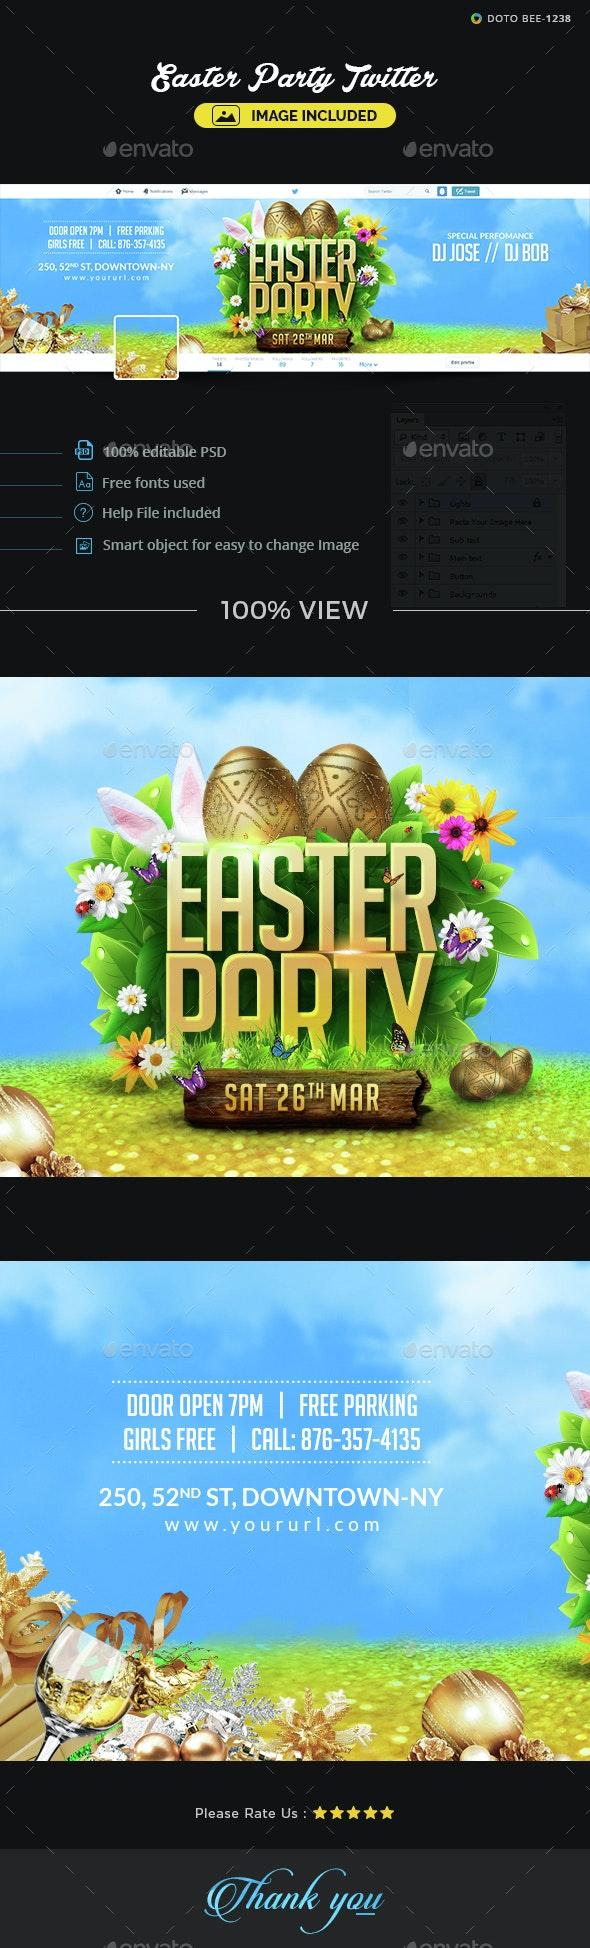 Easter Twitter Header - Twitter Social Media